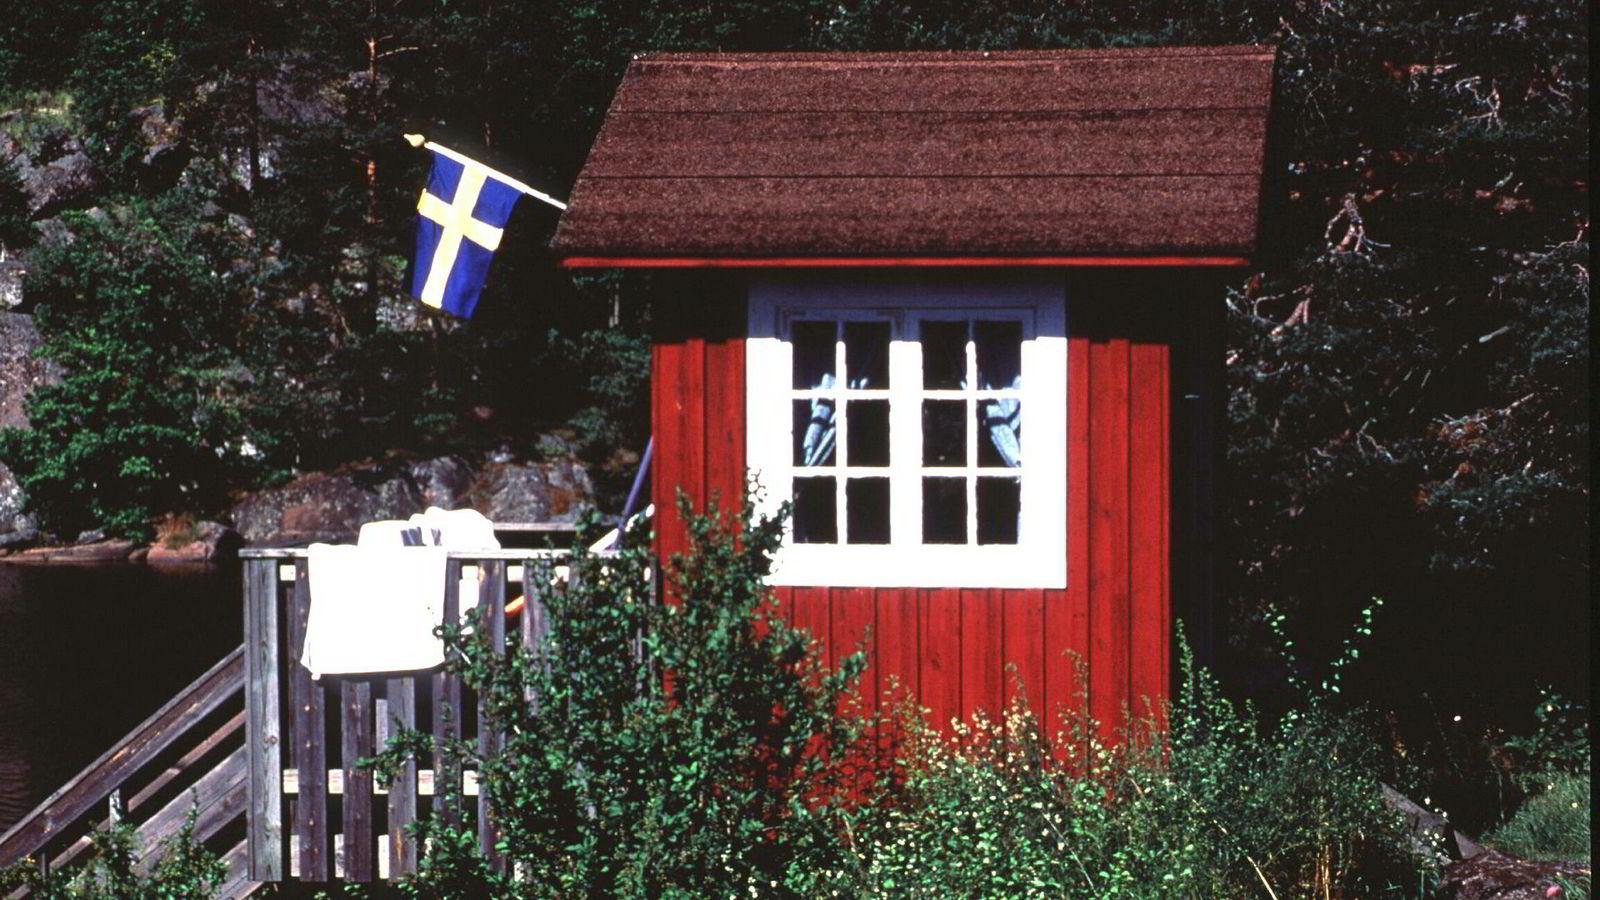 Hvis tanken var å sikre finansiering av velferdsstaten, er det temmelig åpenbart at Sveriges oppskrift fungerer dårlig.